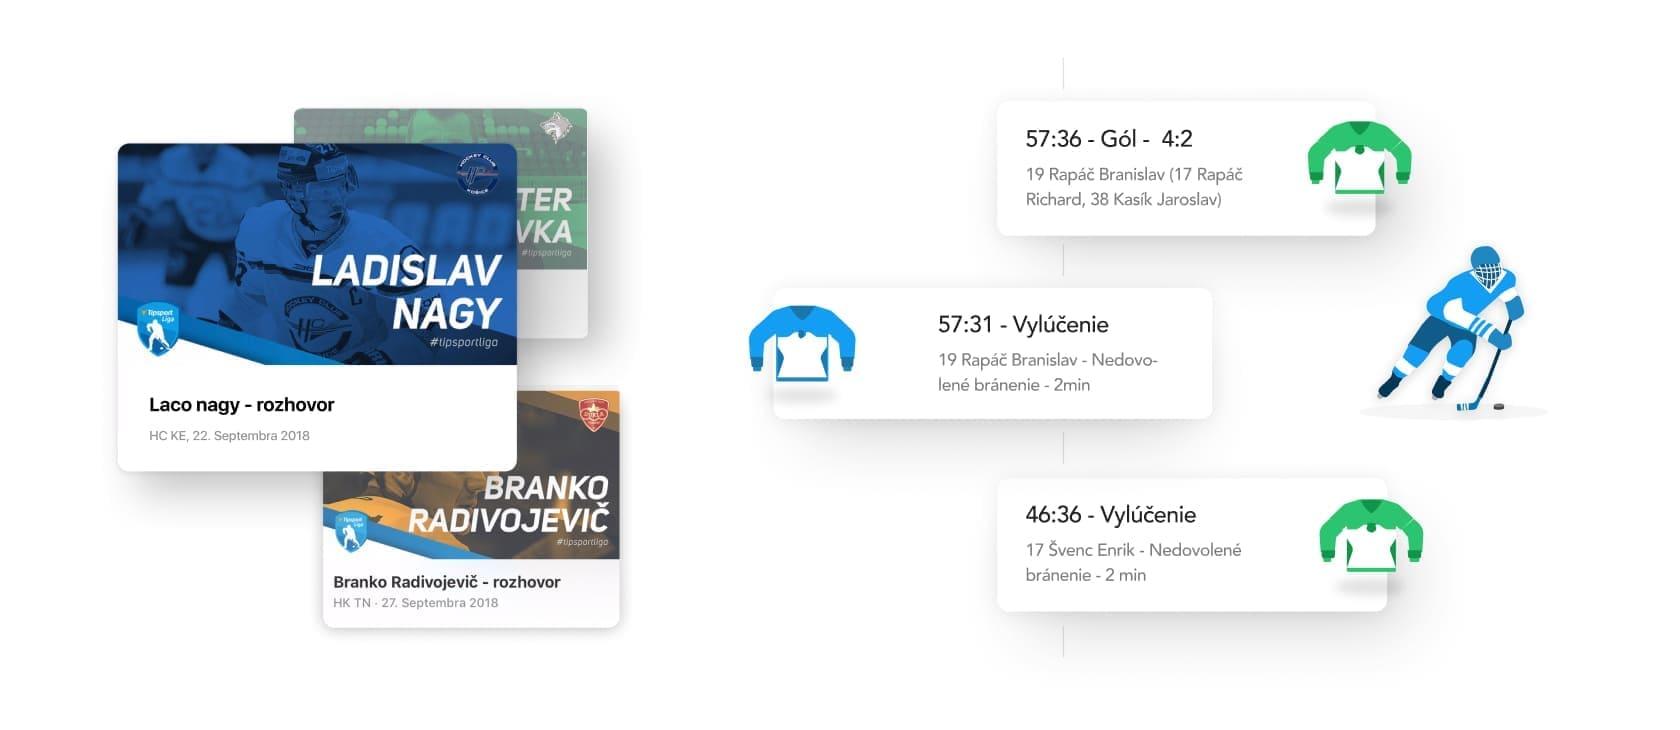 vyvoj mobilnej aplikacie s prehľadom zivych zapasov a novinkami